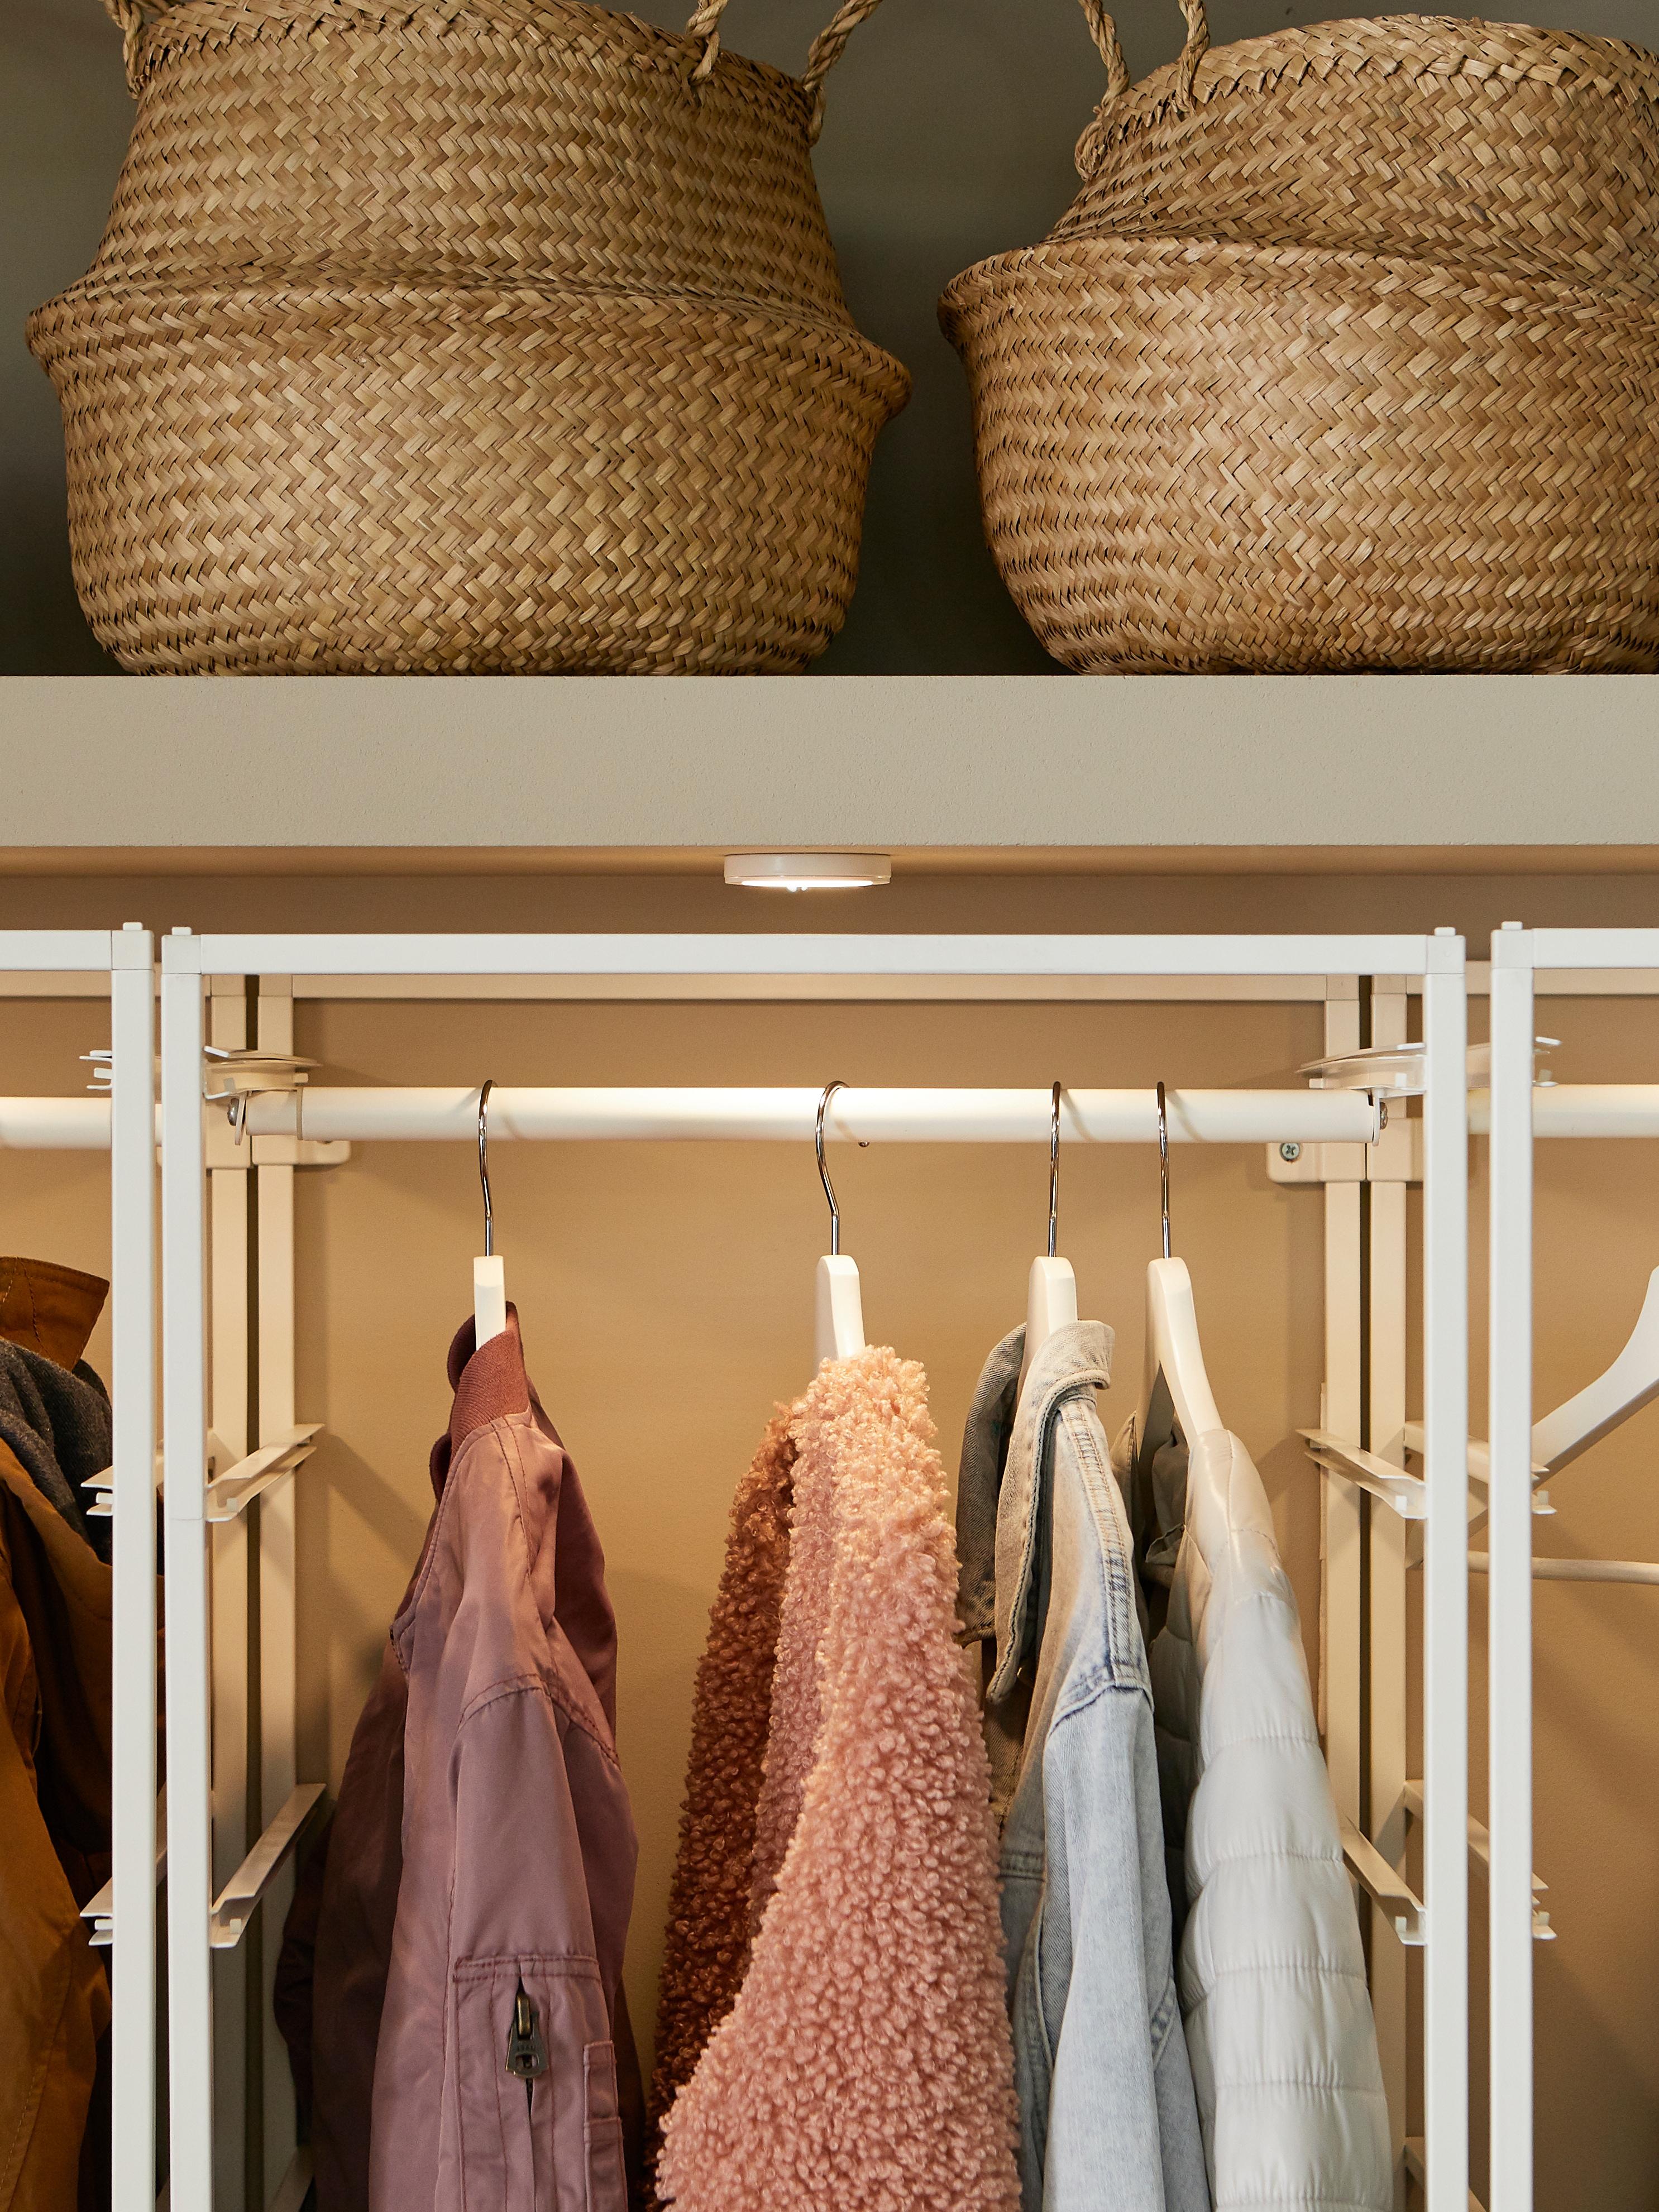 Kaputi koji vise na šipki za odjeću u otvorenoj jedinici za odlaganje ispod ugrađene police s okruglim, tankim VAXMYRA LED reflektorom.